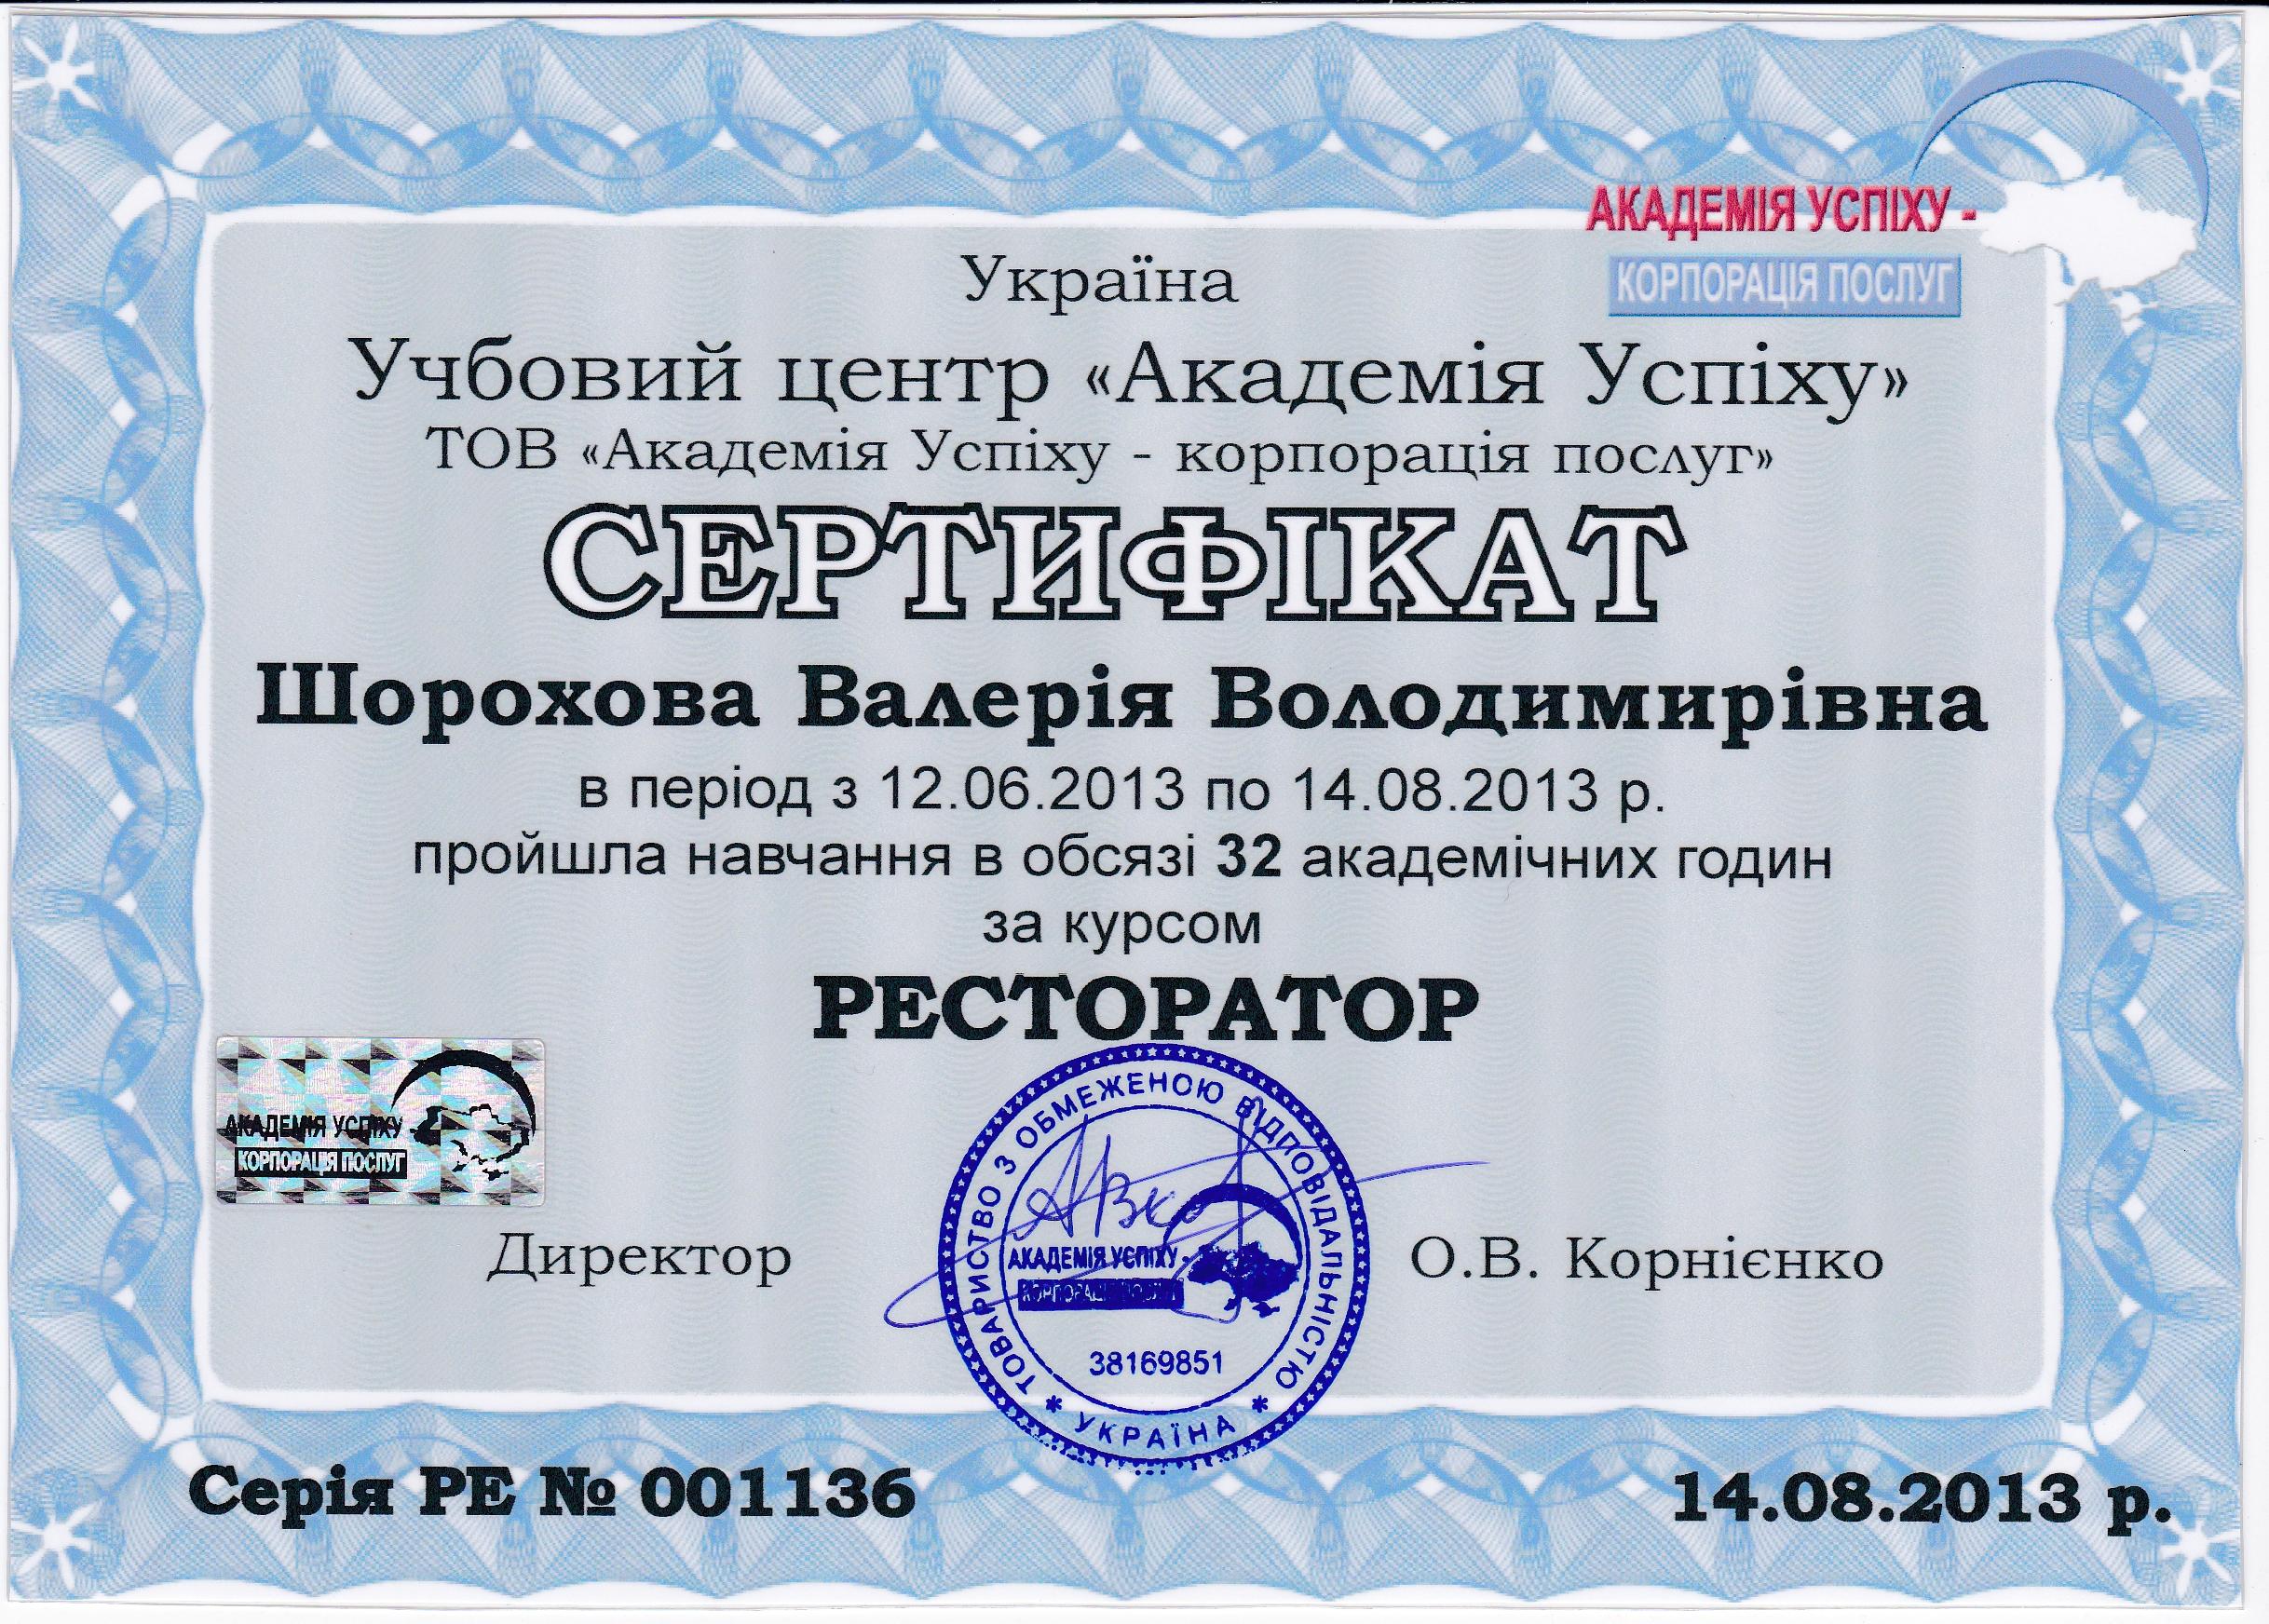 образец диплома и сертификата Академии Успеха akademusp com ua Образец Сертификата сторона 1